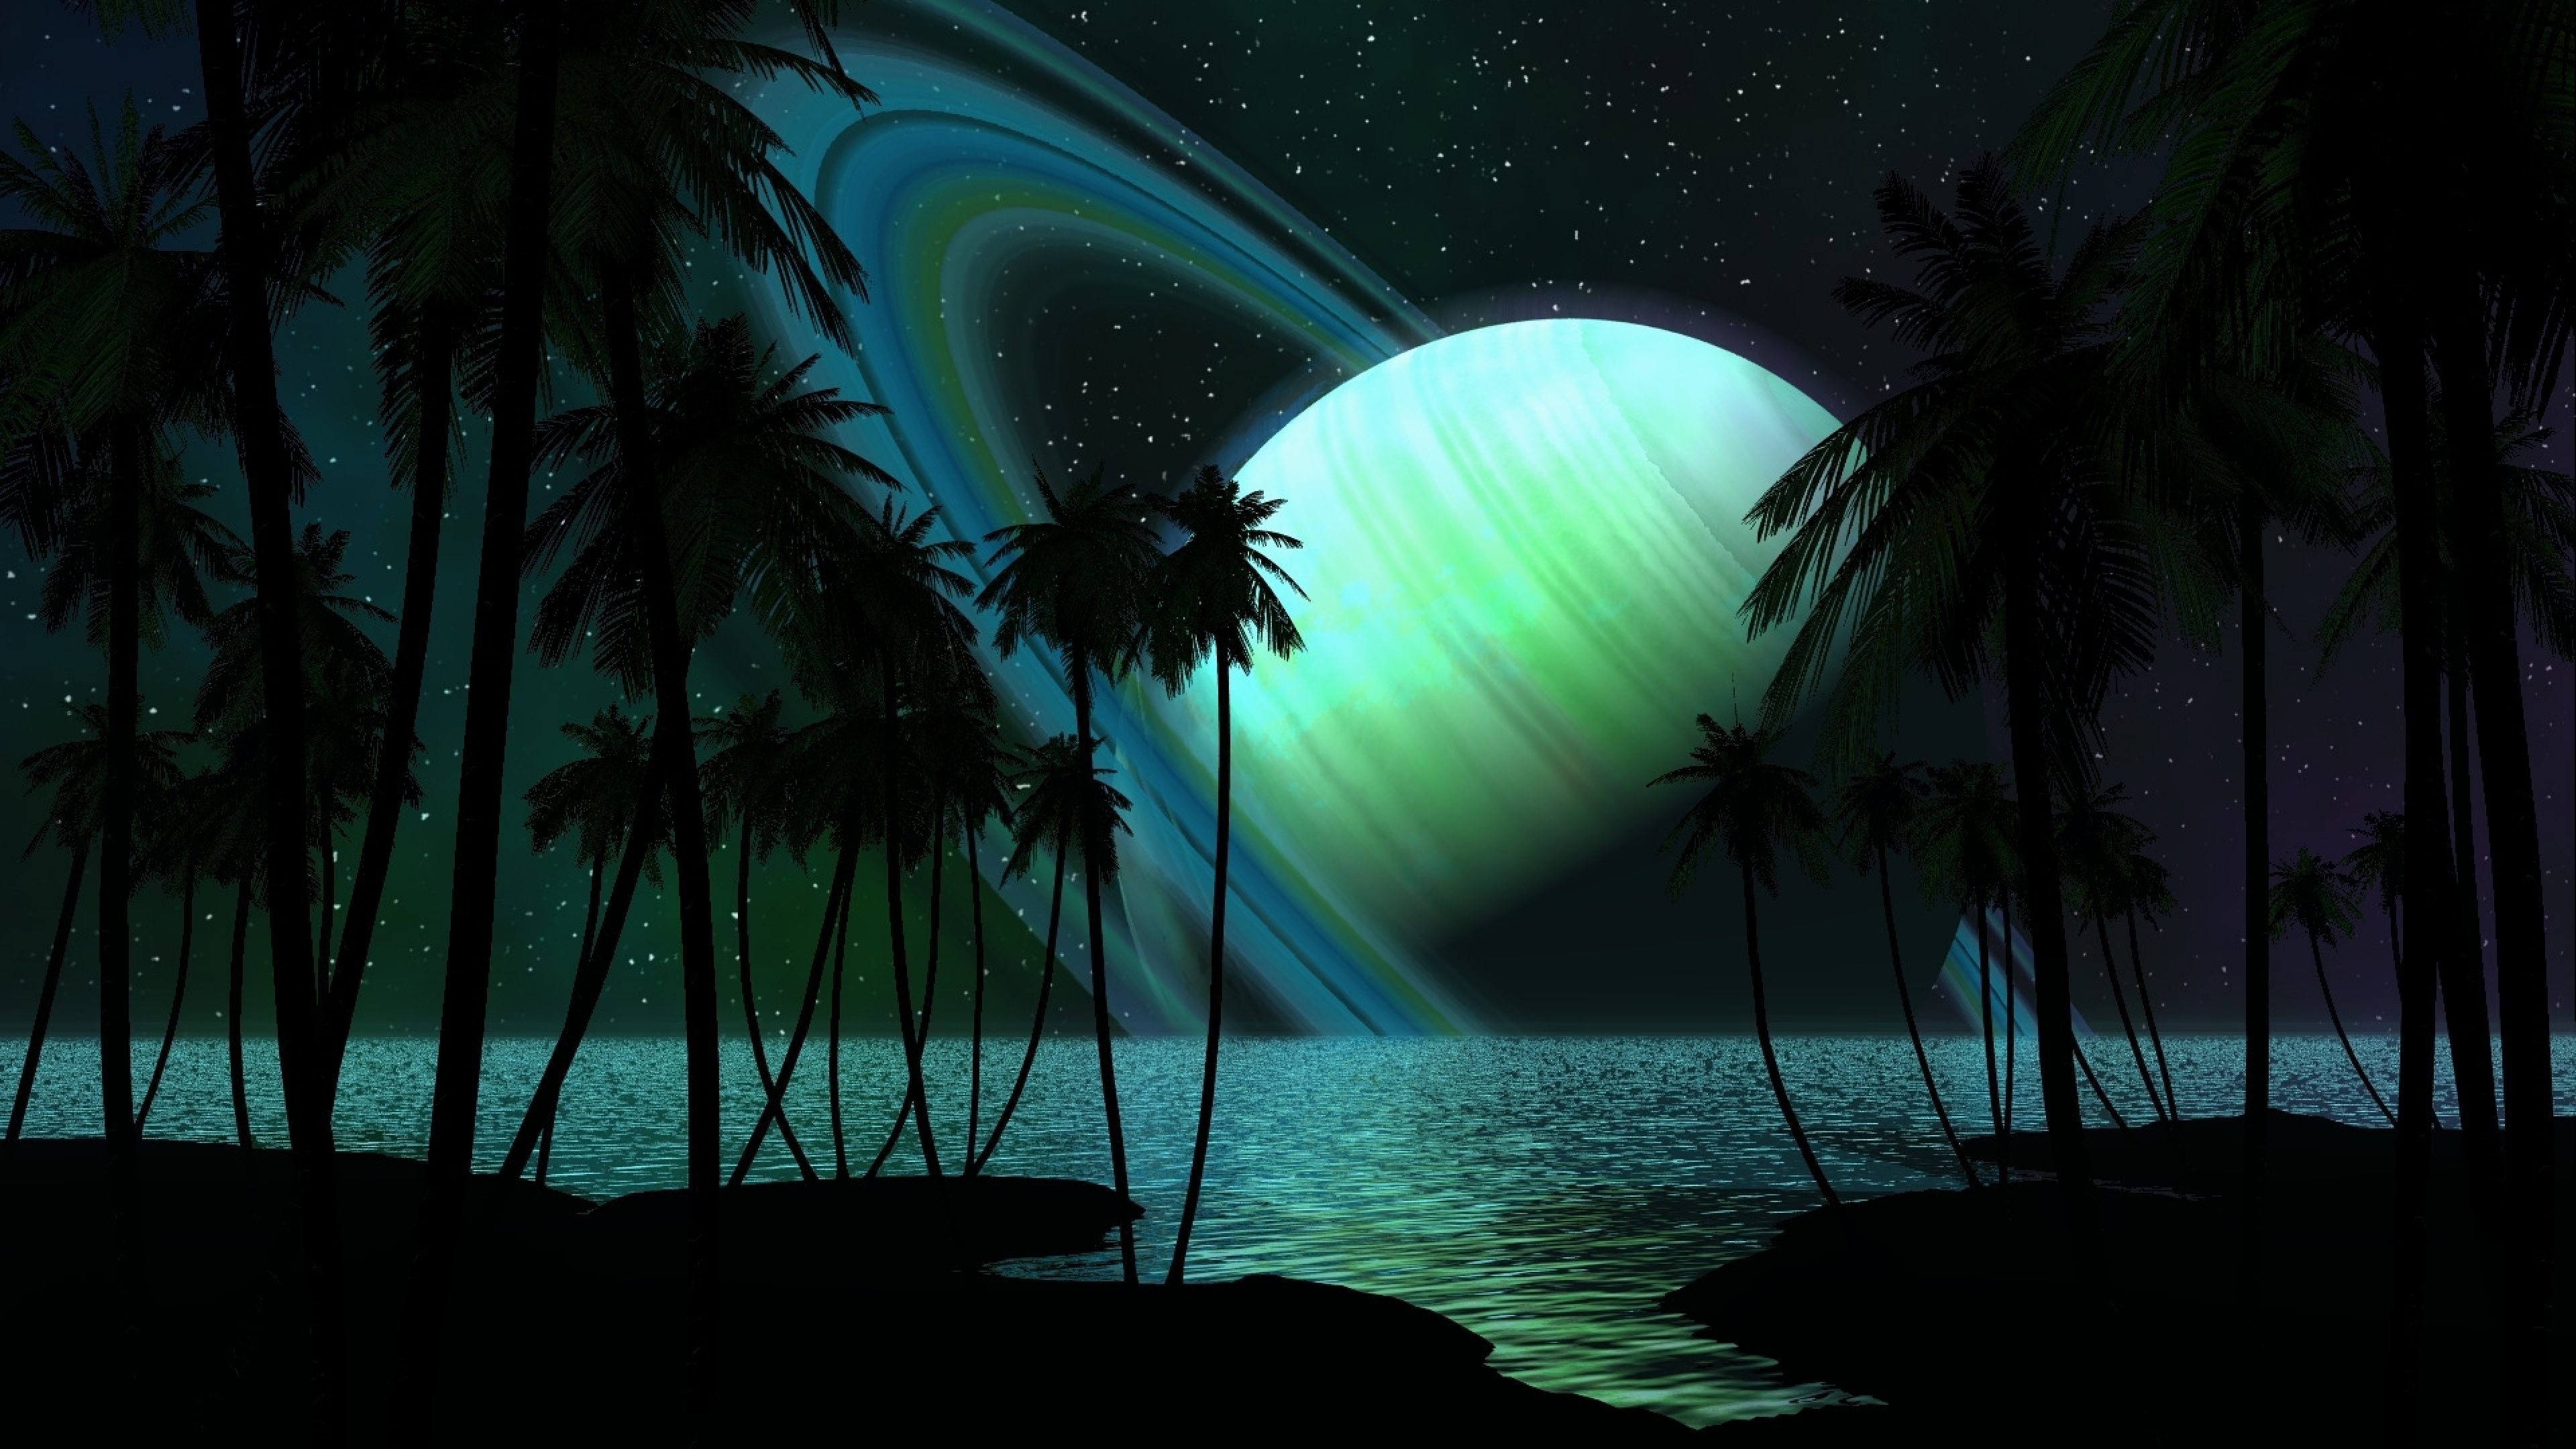 Black Night Fantasy 4k Ultra Hd Wallpaper Space Art Live Backgrounds Desktop Background Images